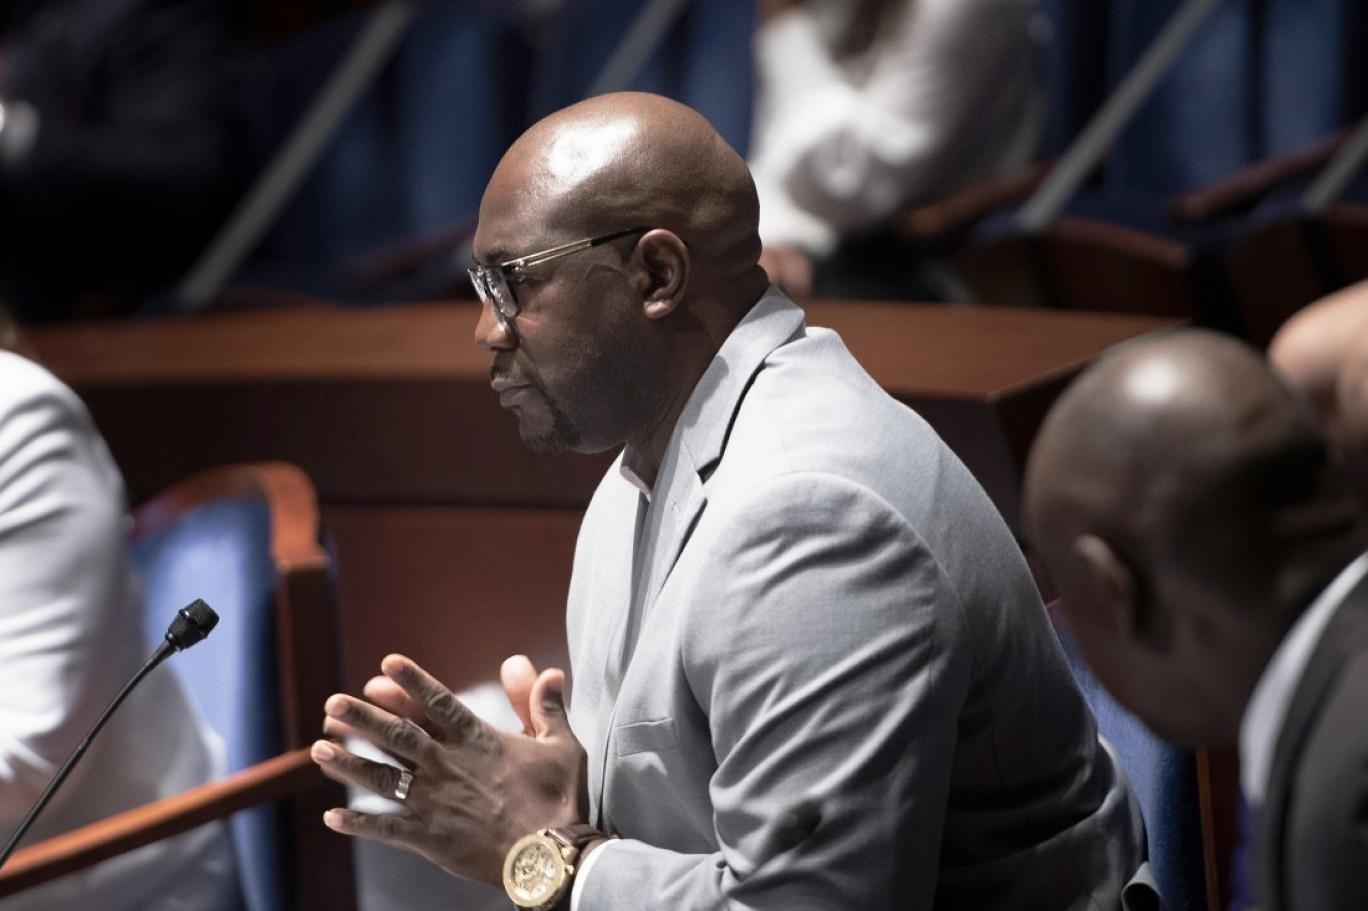 شقيق فلويد مخاطباً الكونغرس: أطلب منكم وضع حدٍّ لمعاناة ذوي البشرة السوداء!